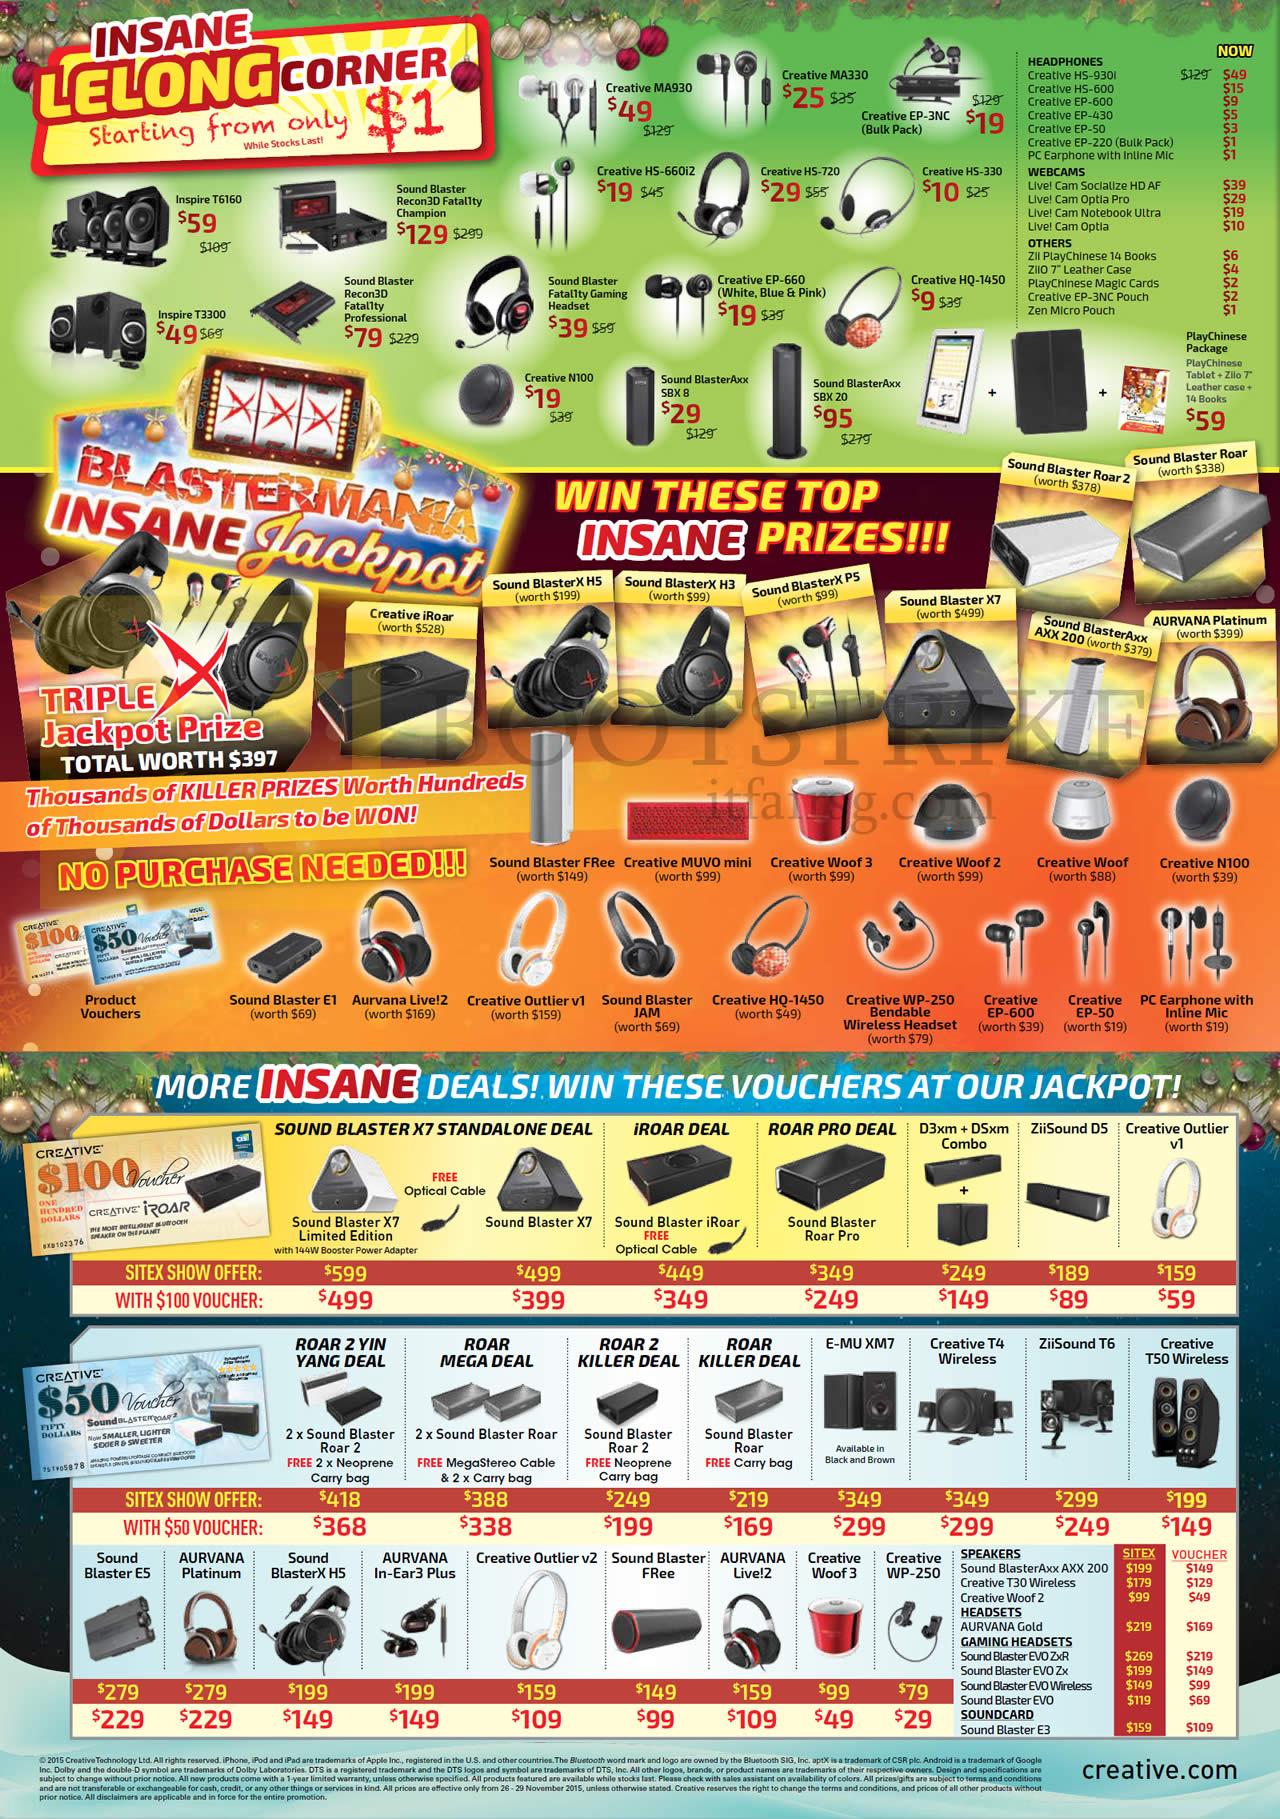 SITEX 2015 price list image brochure of Creative Lelong Corner, Earphones, Headphones, Speakers, Webcams, Voucher Deals